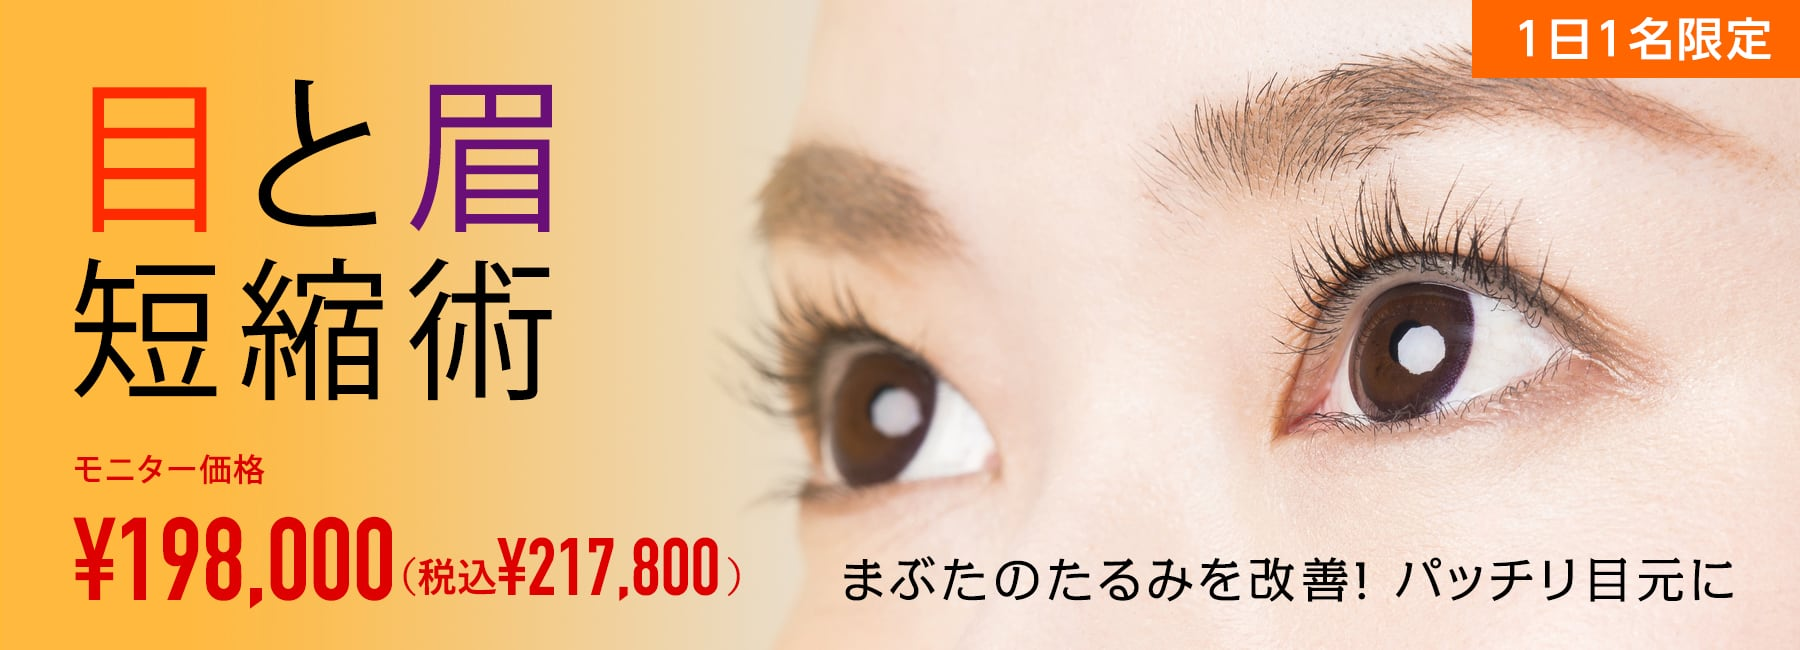 目と眉短縮術